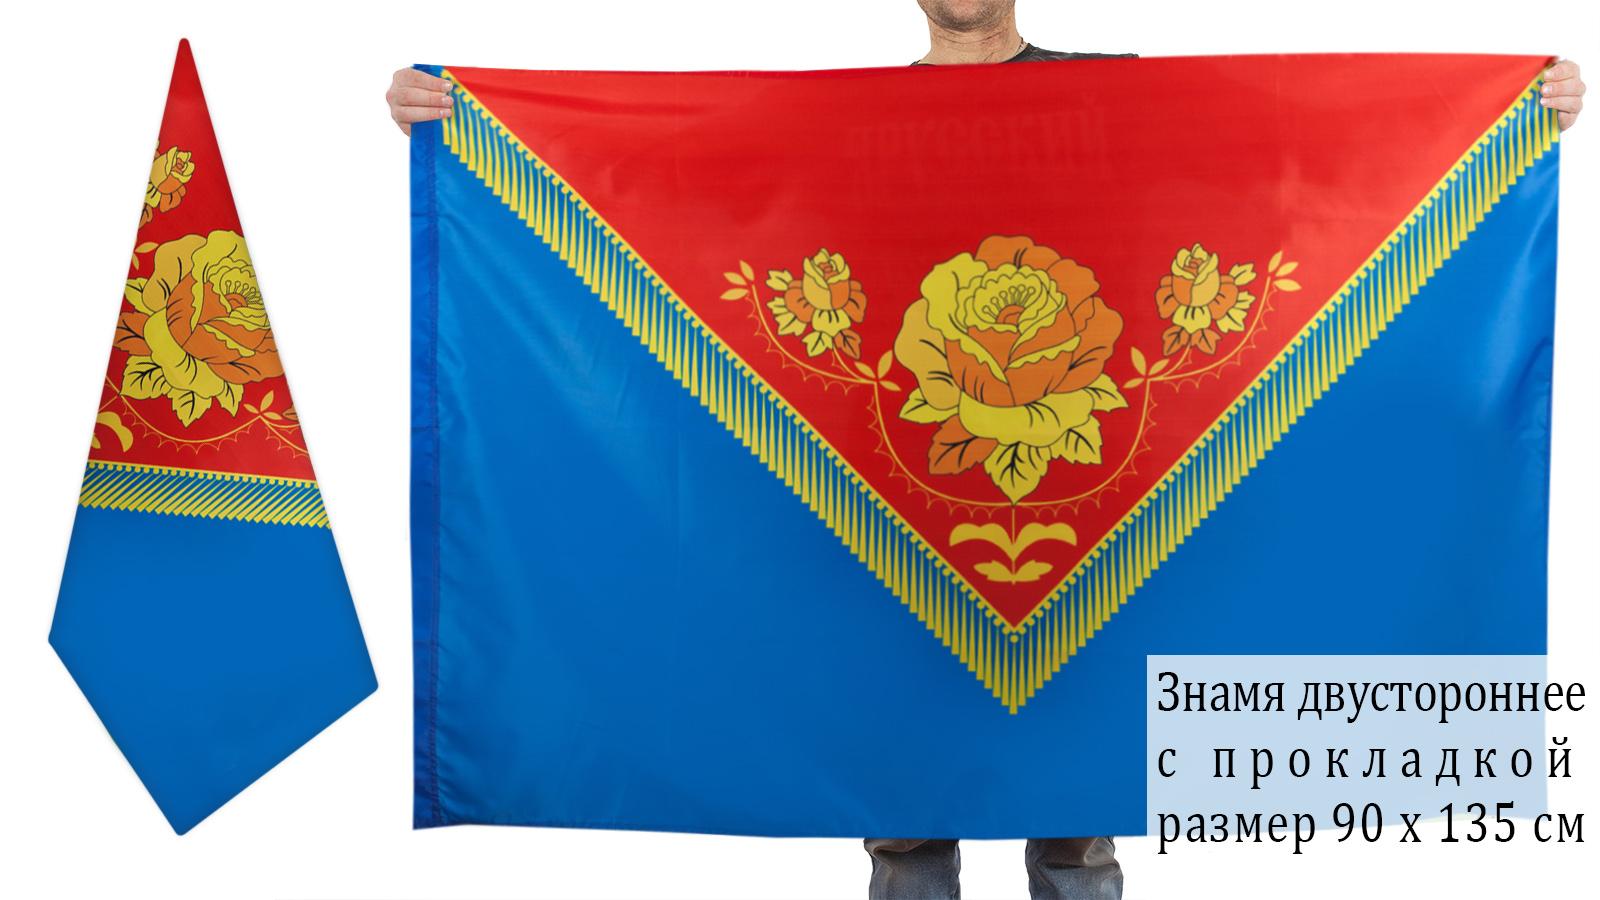 Двусторонний флаг Павлово-Посадского района